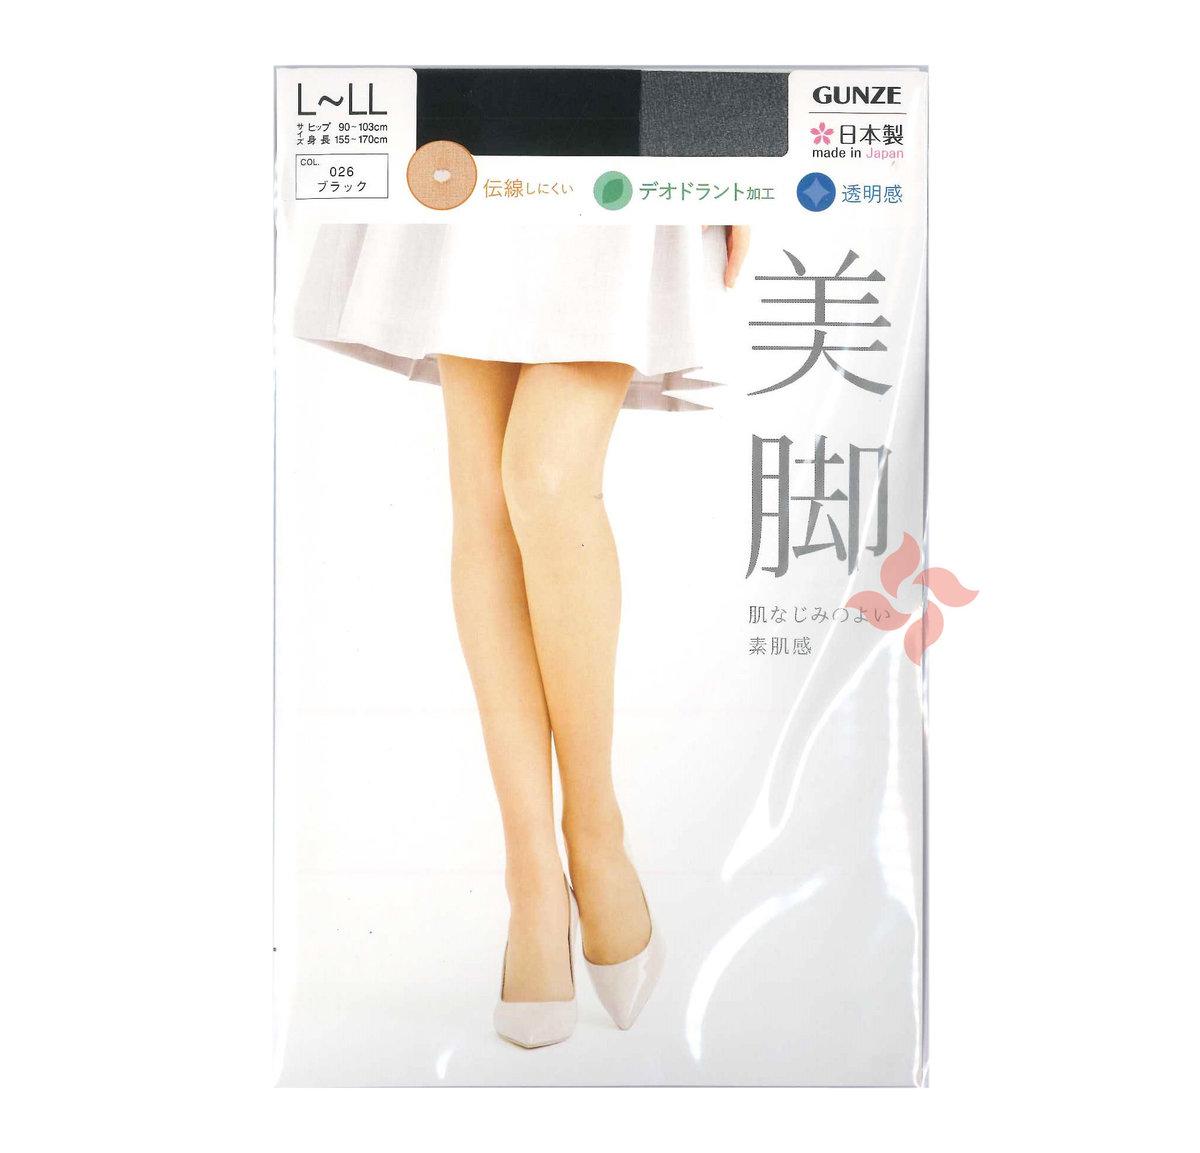 透明素肌感防鈎絲防靜電除臭加工絲襪 (黑色 026) Size: L-LL (4548366399759)